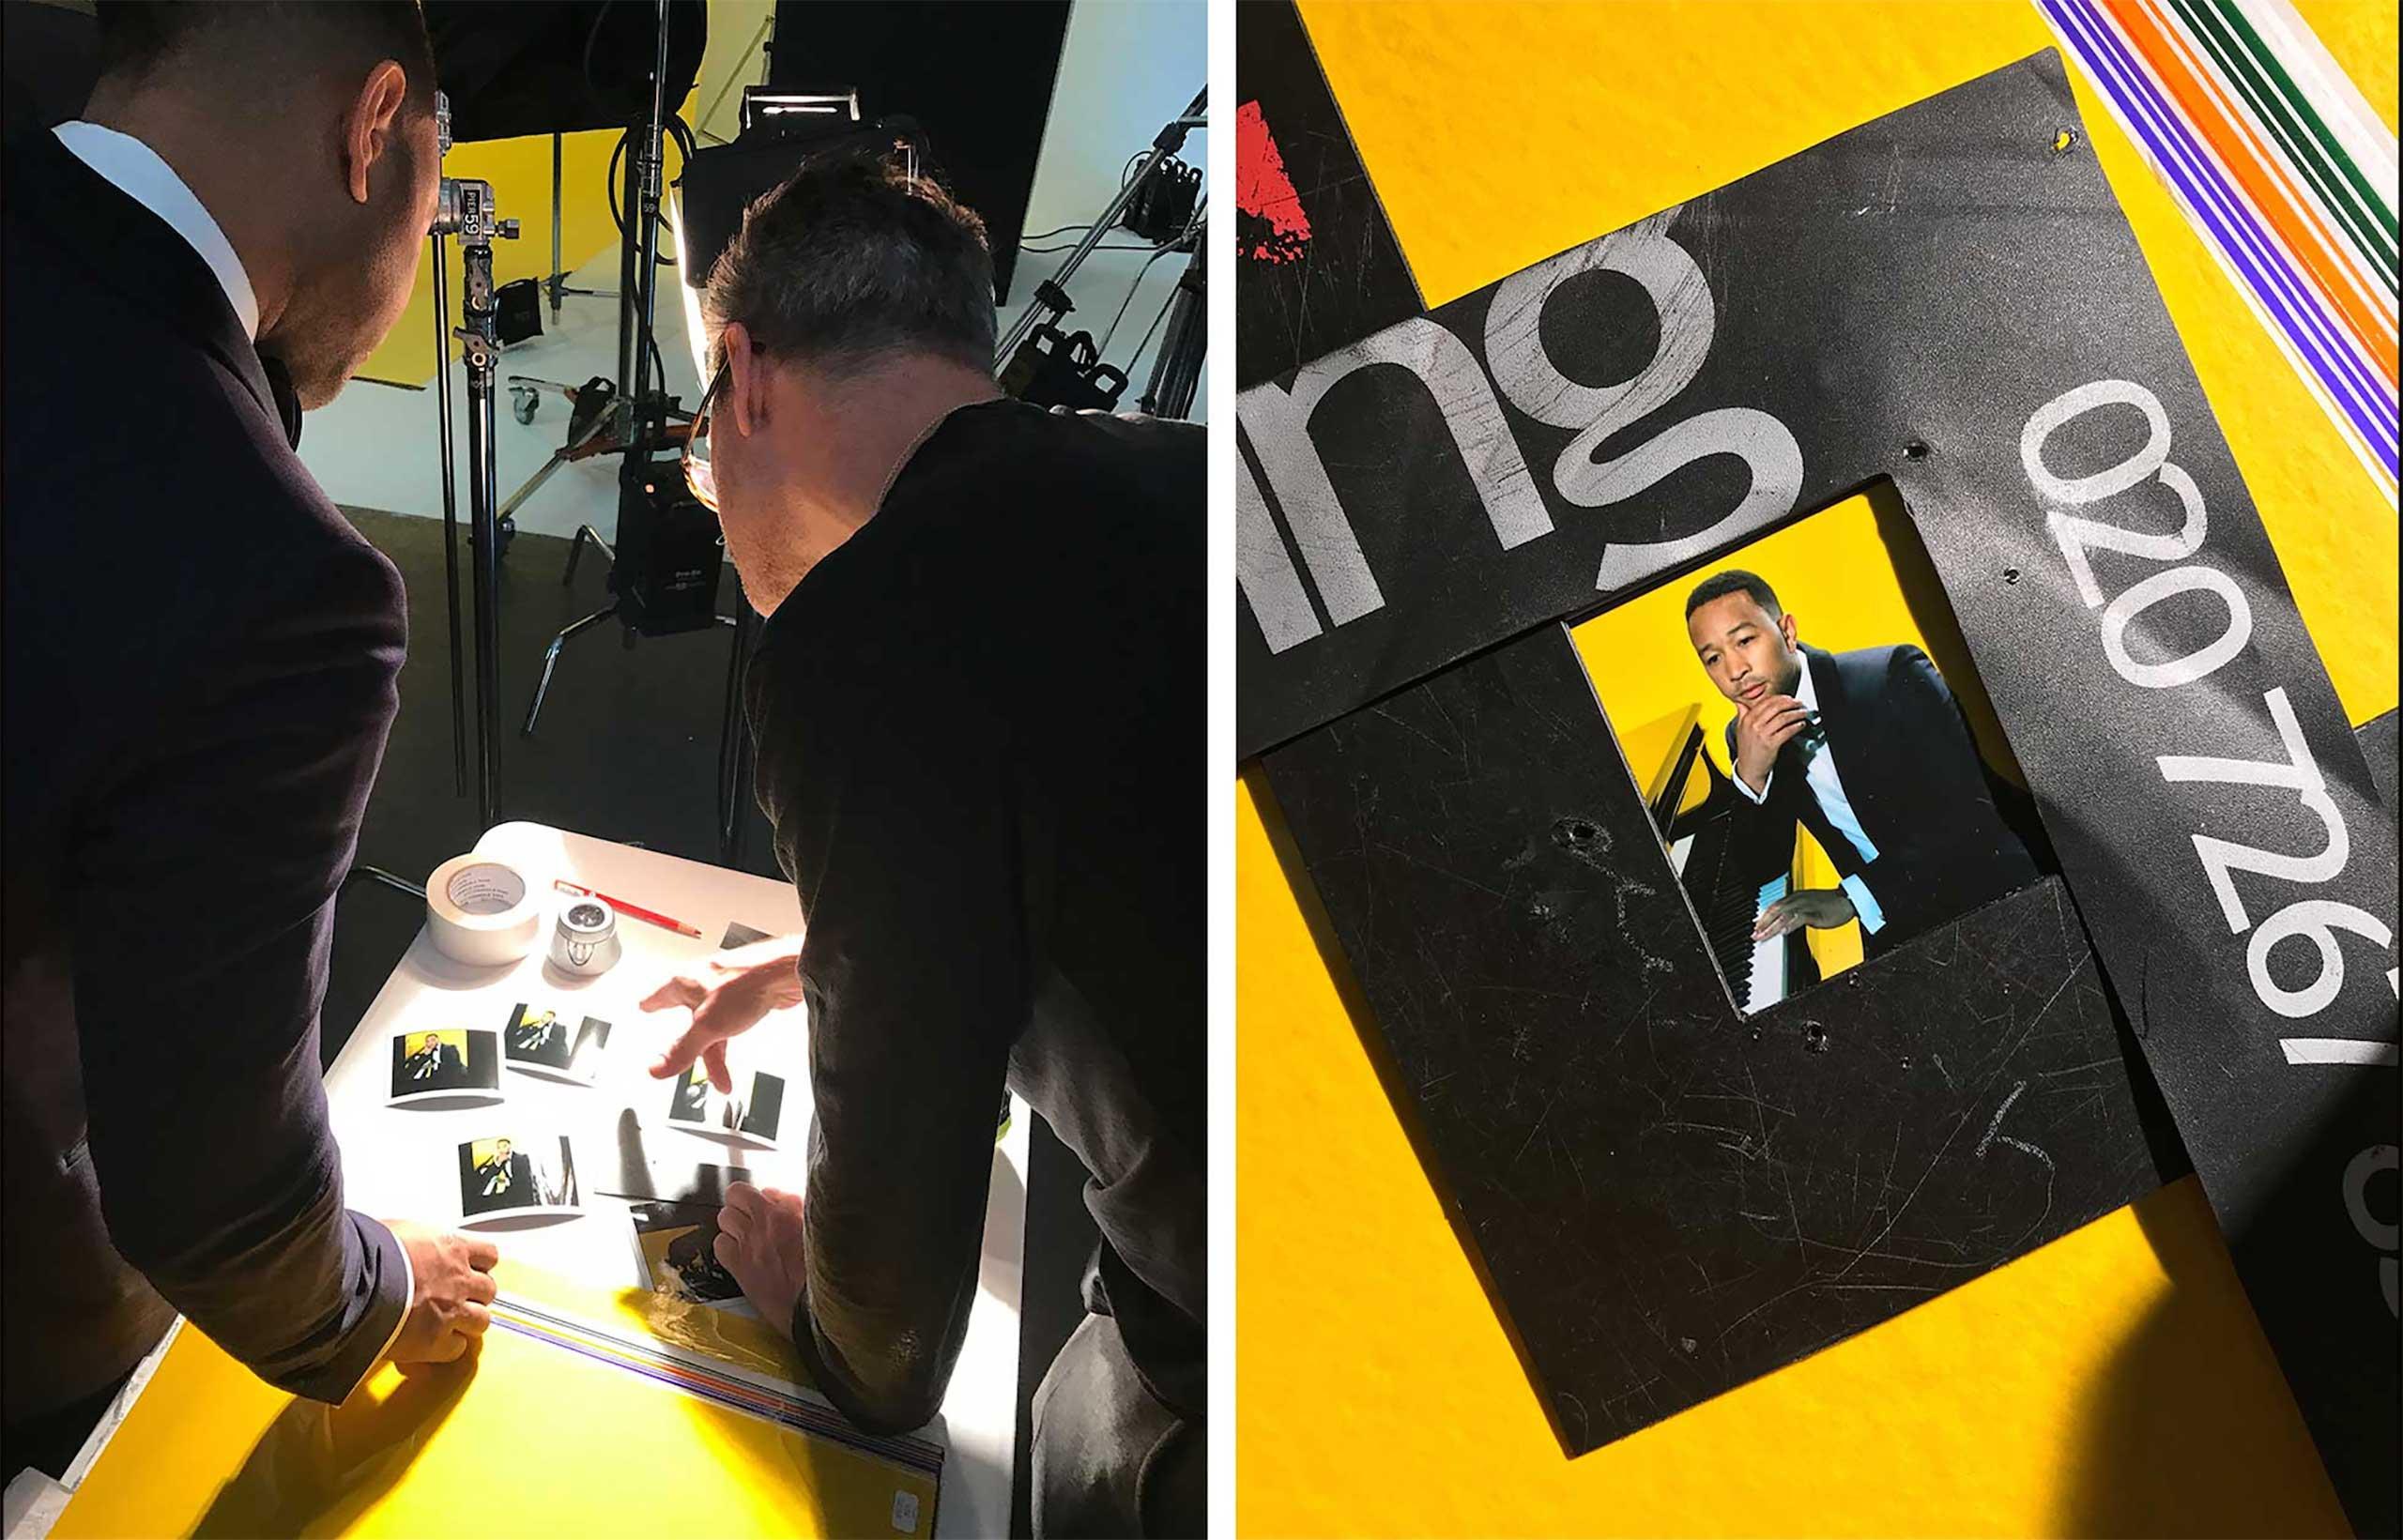 (L) John Legend and Miles Aldridge study the Polaroids on shoot.